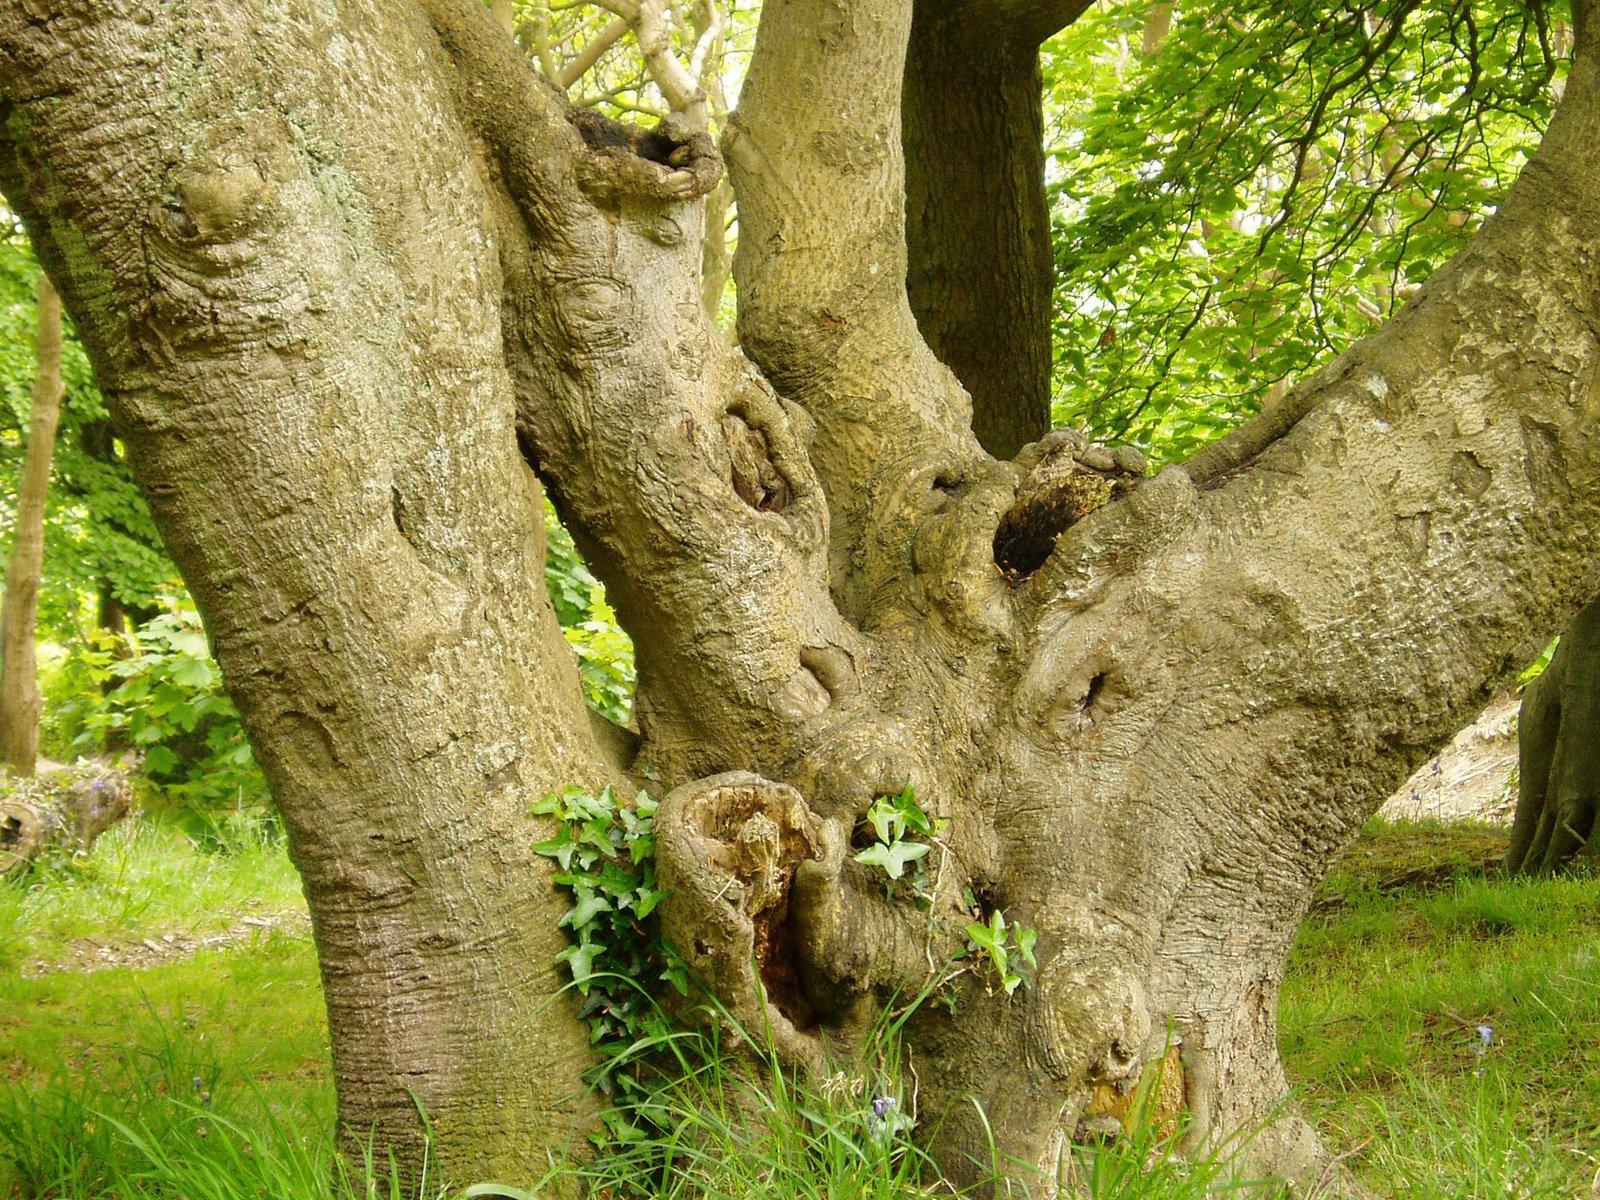 Free Anatomía del árbol 1 Stock Photo - FreeImages.com